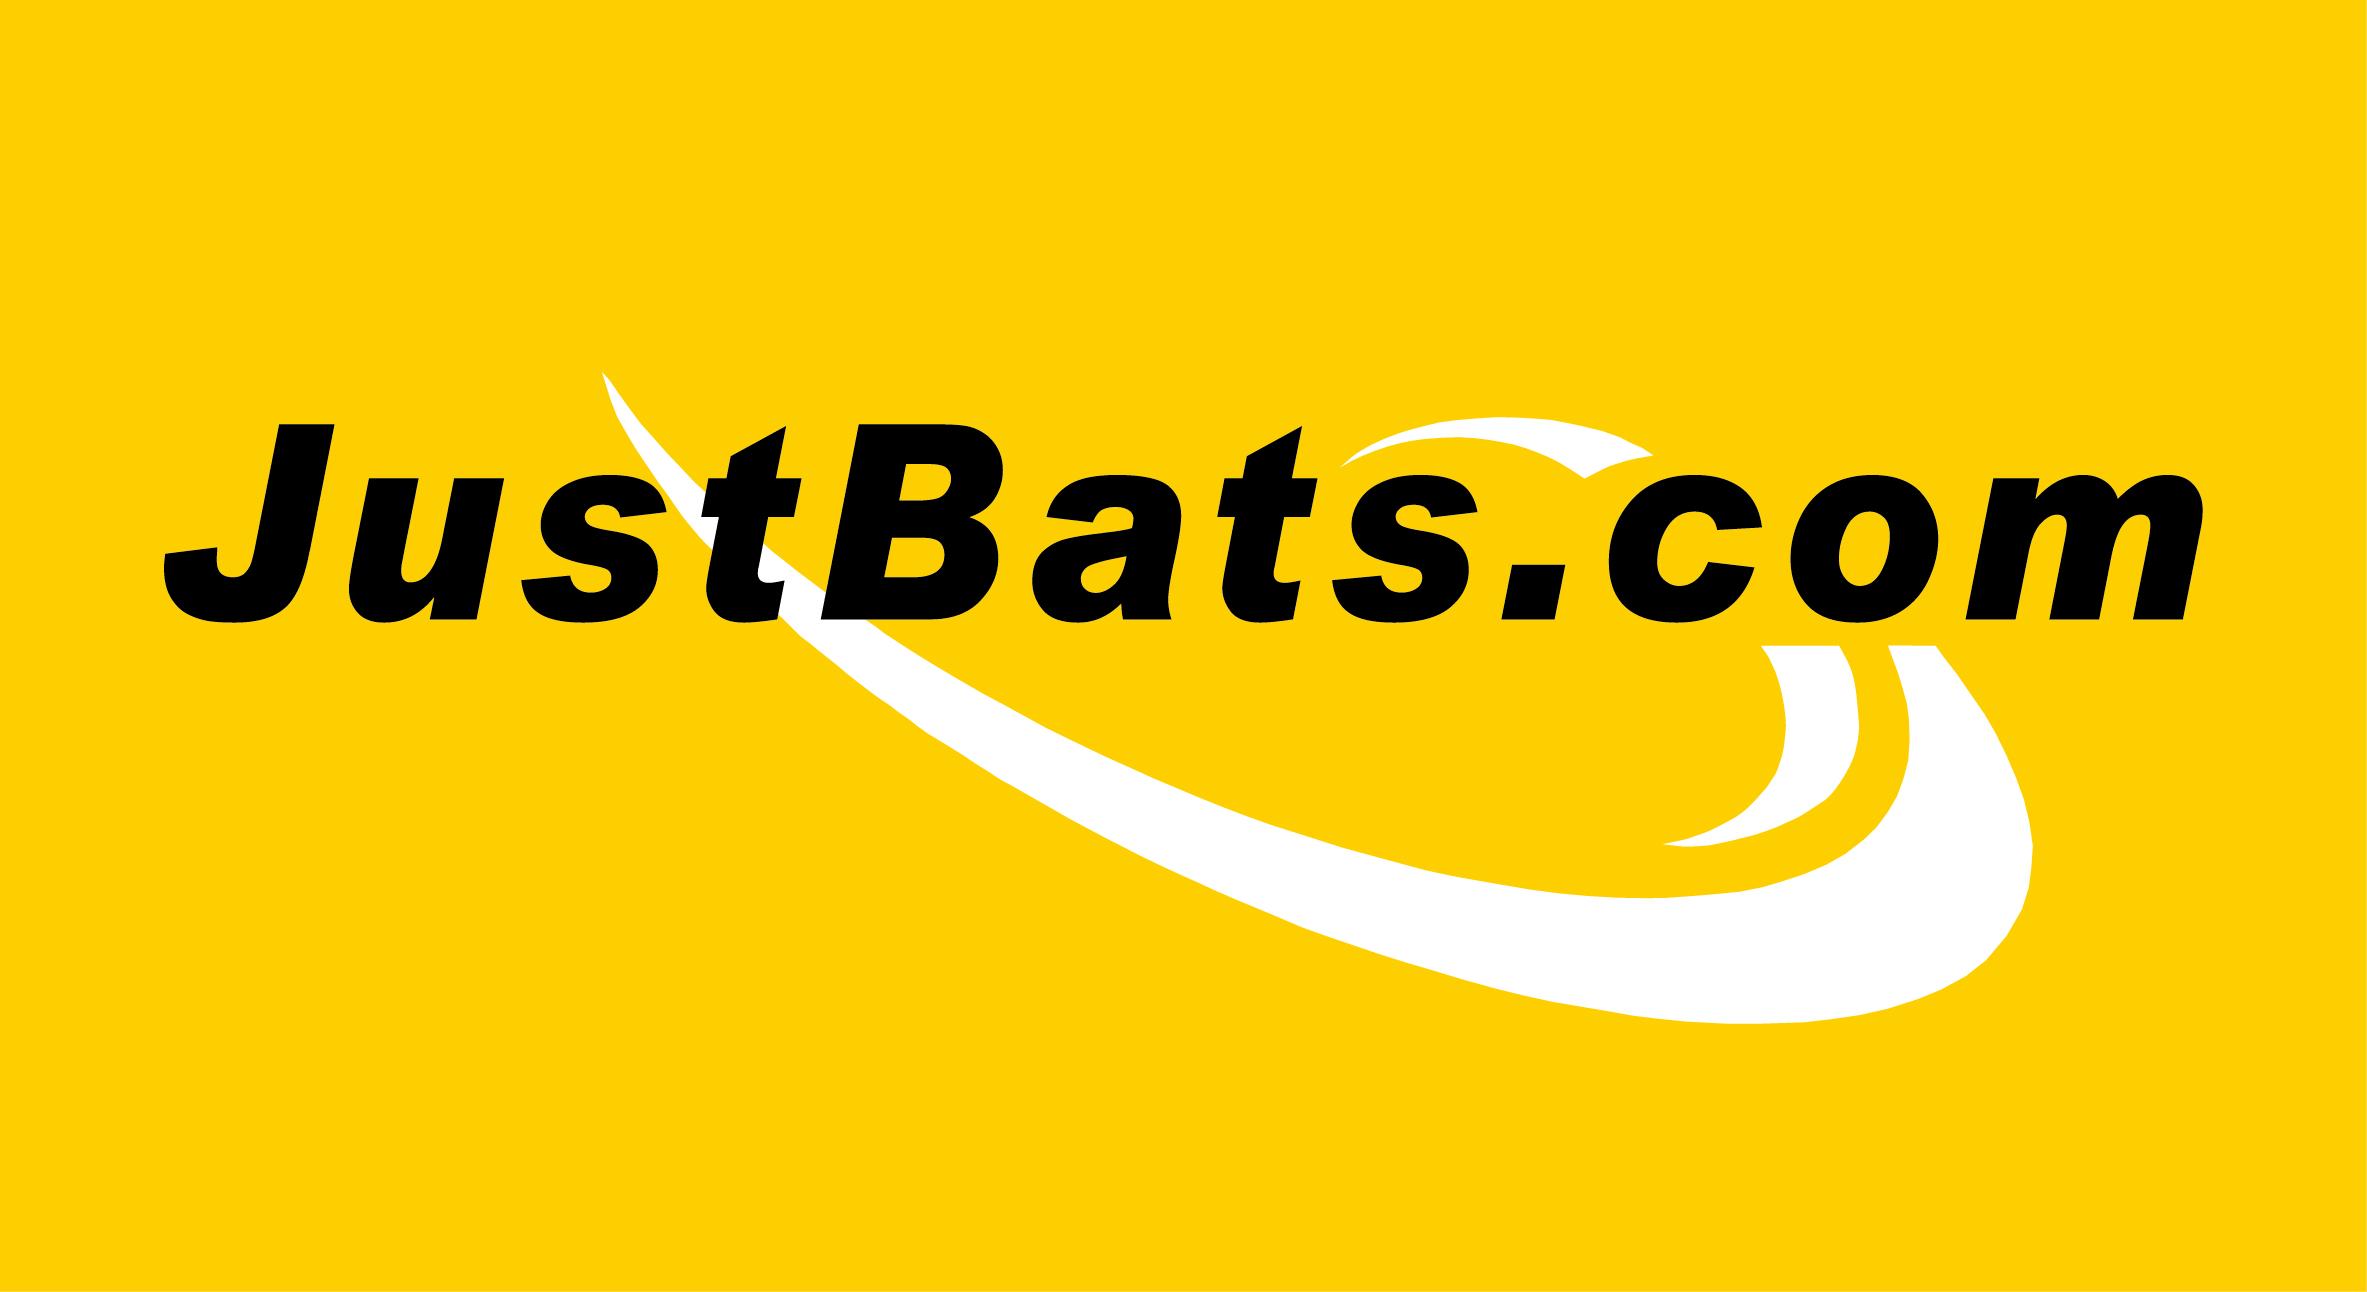 JB_YellowBG.jpg